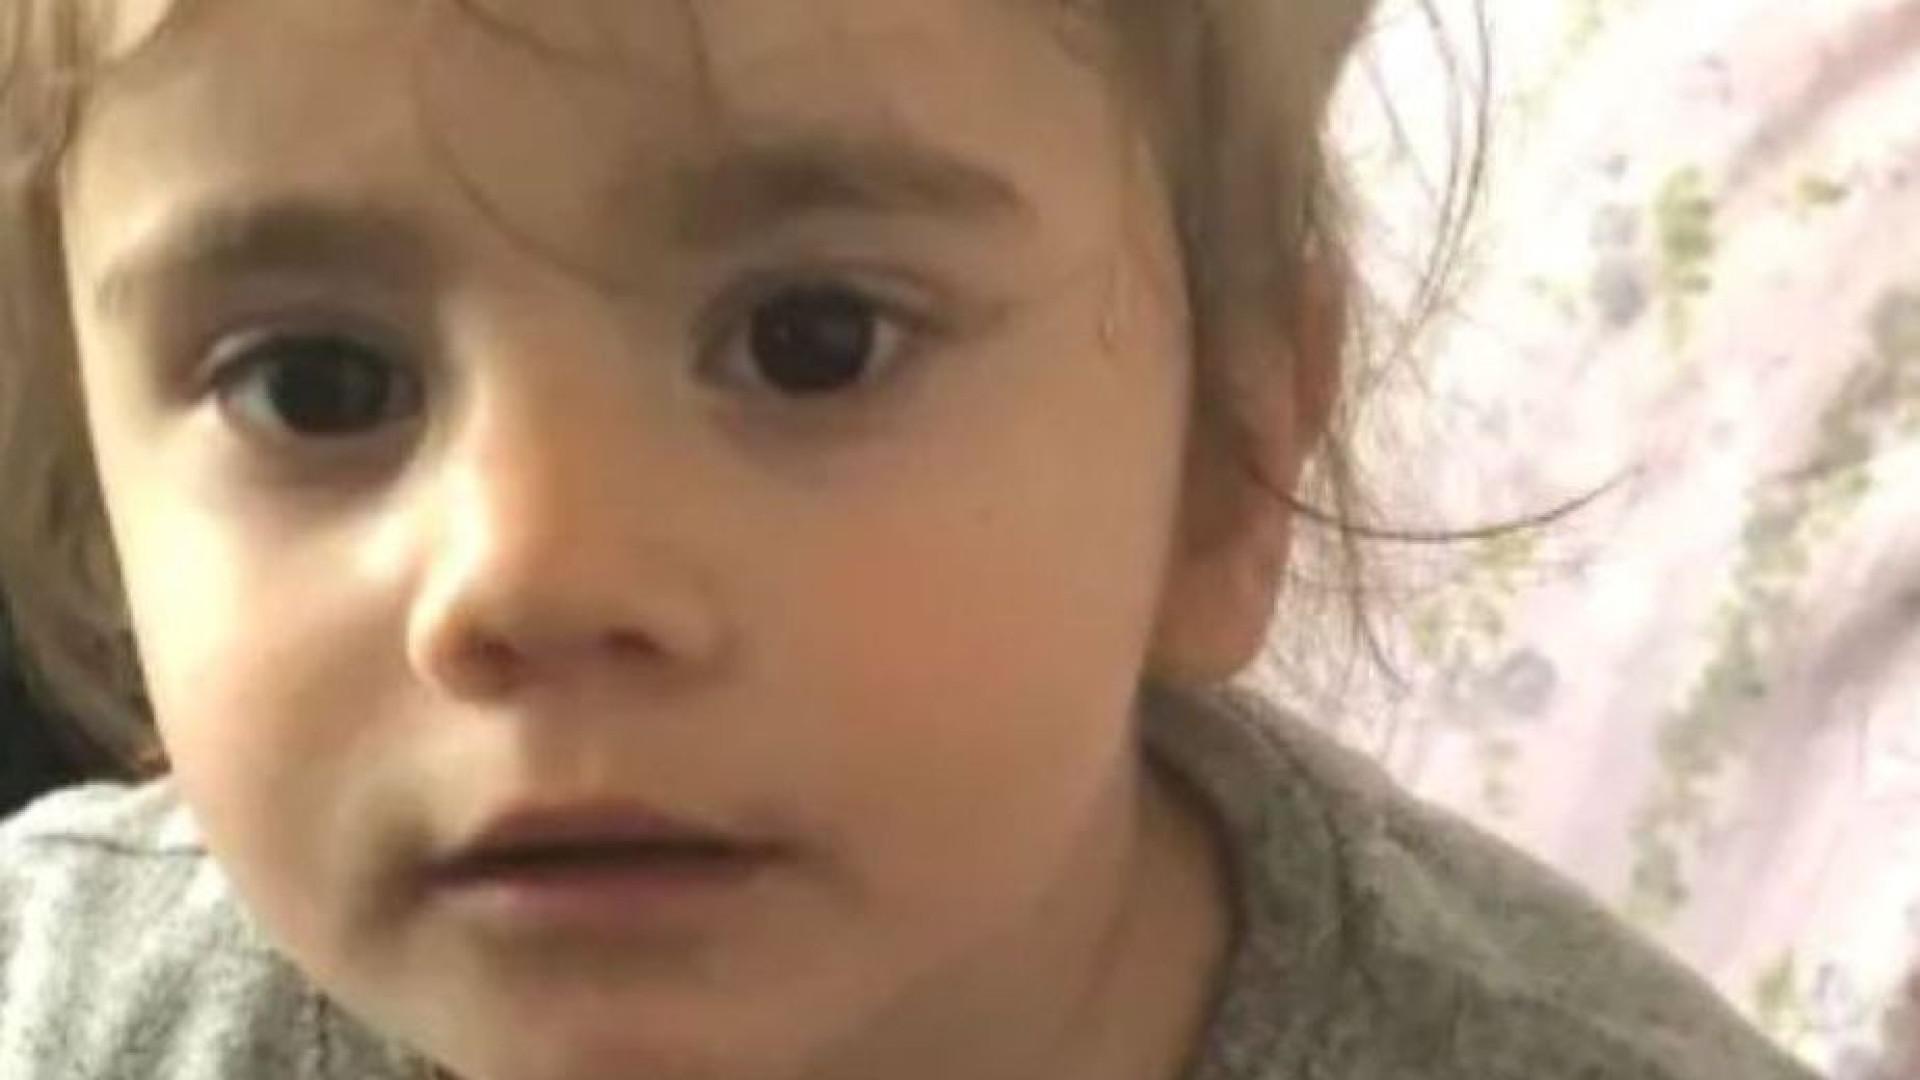 Carro roubado em Londres com bebé no interior. Polícia lança alerta 6edde46dc357d